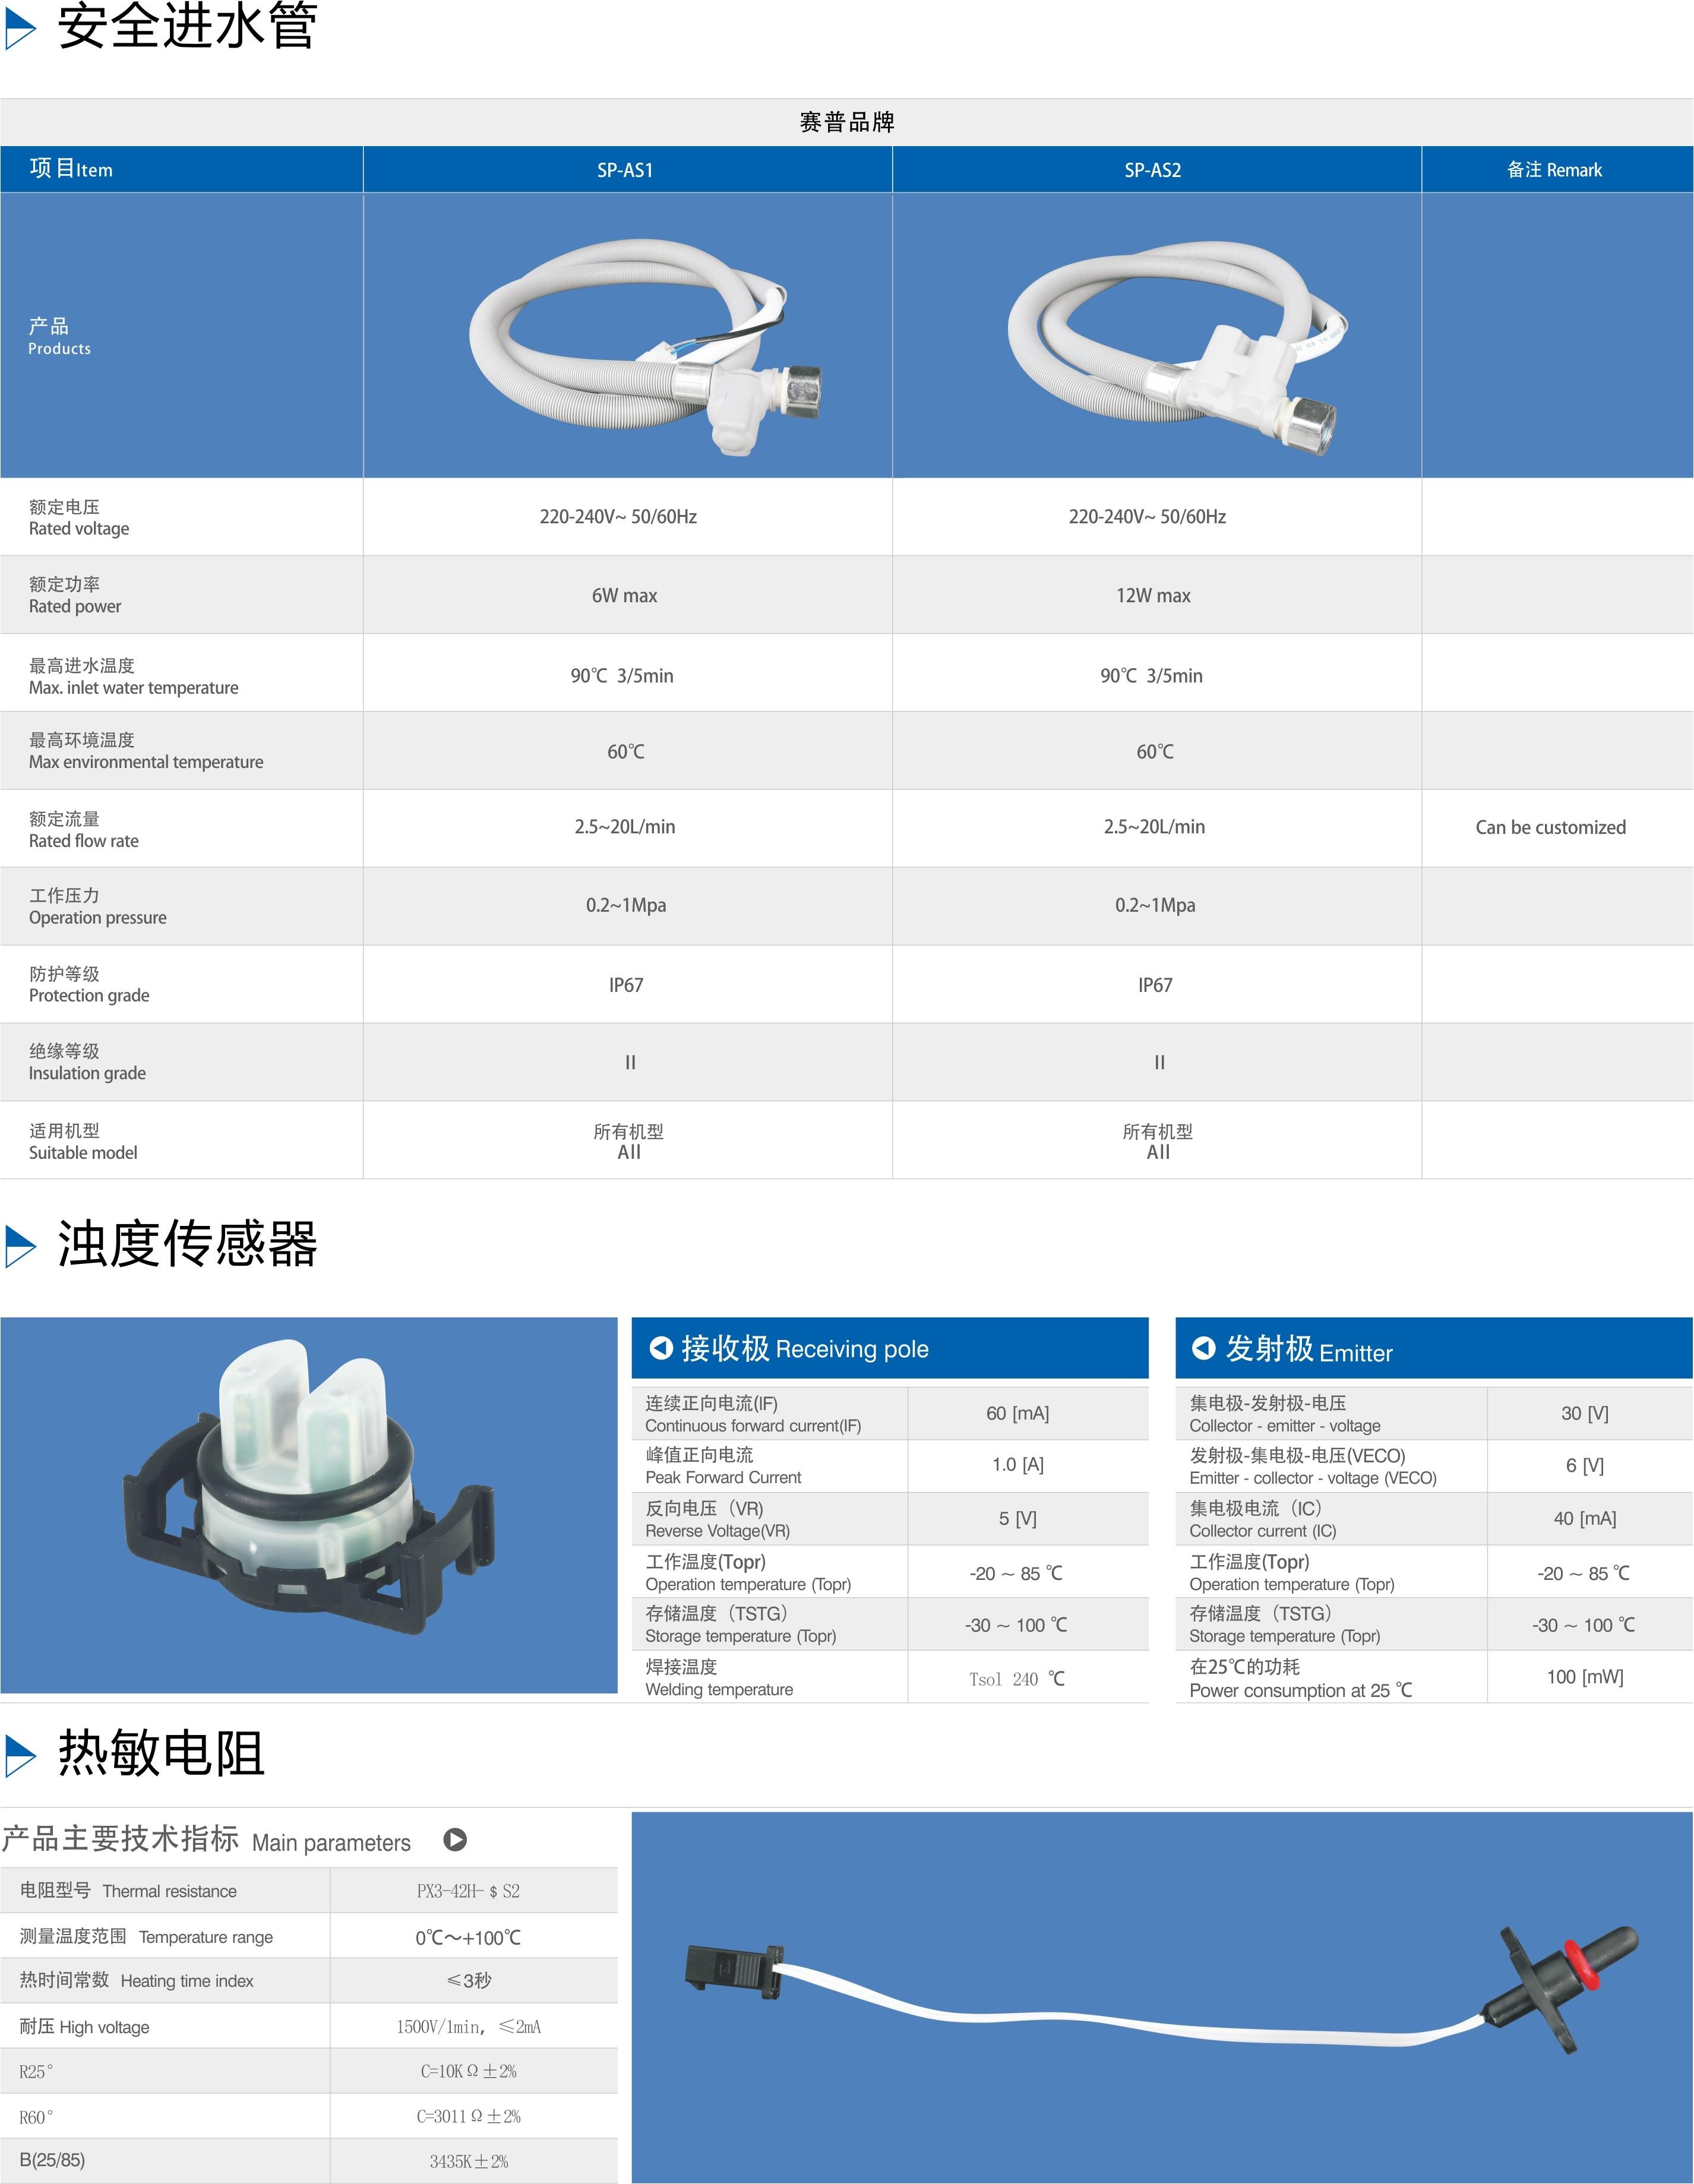 10其它电子电器产品-h.jpg